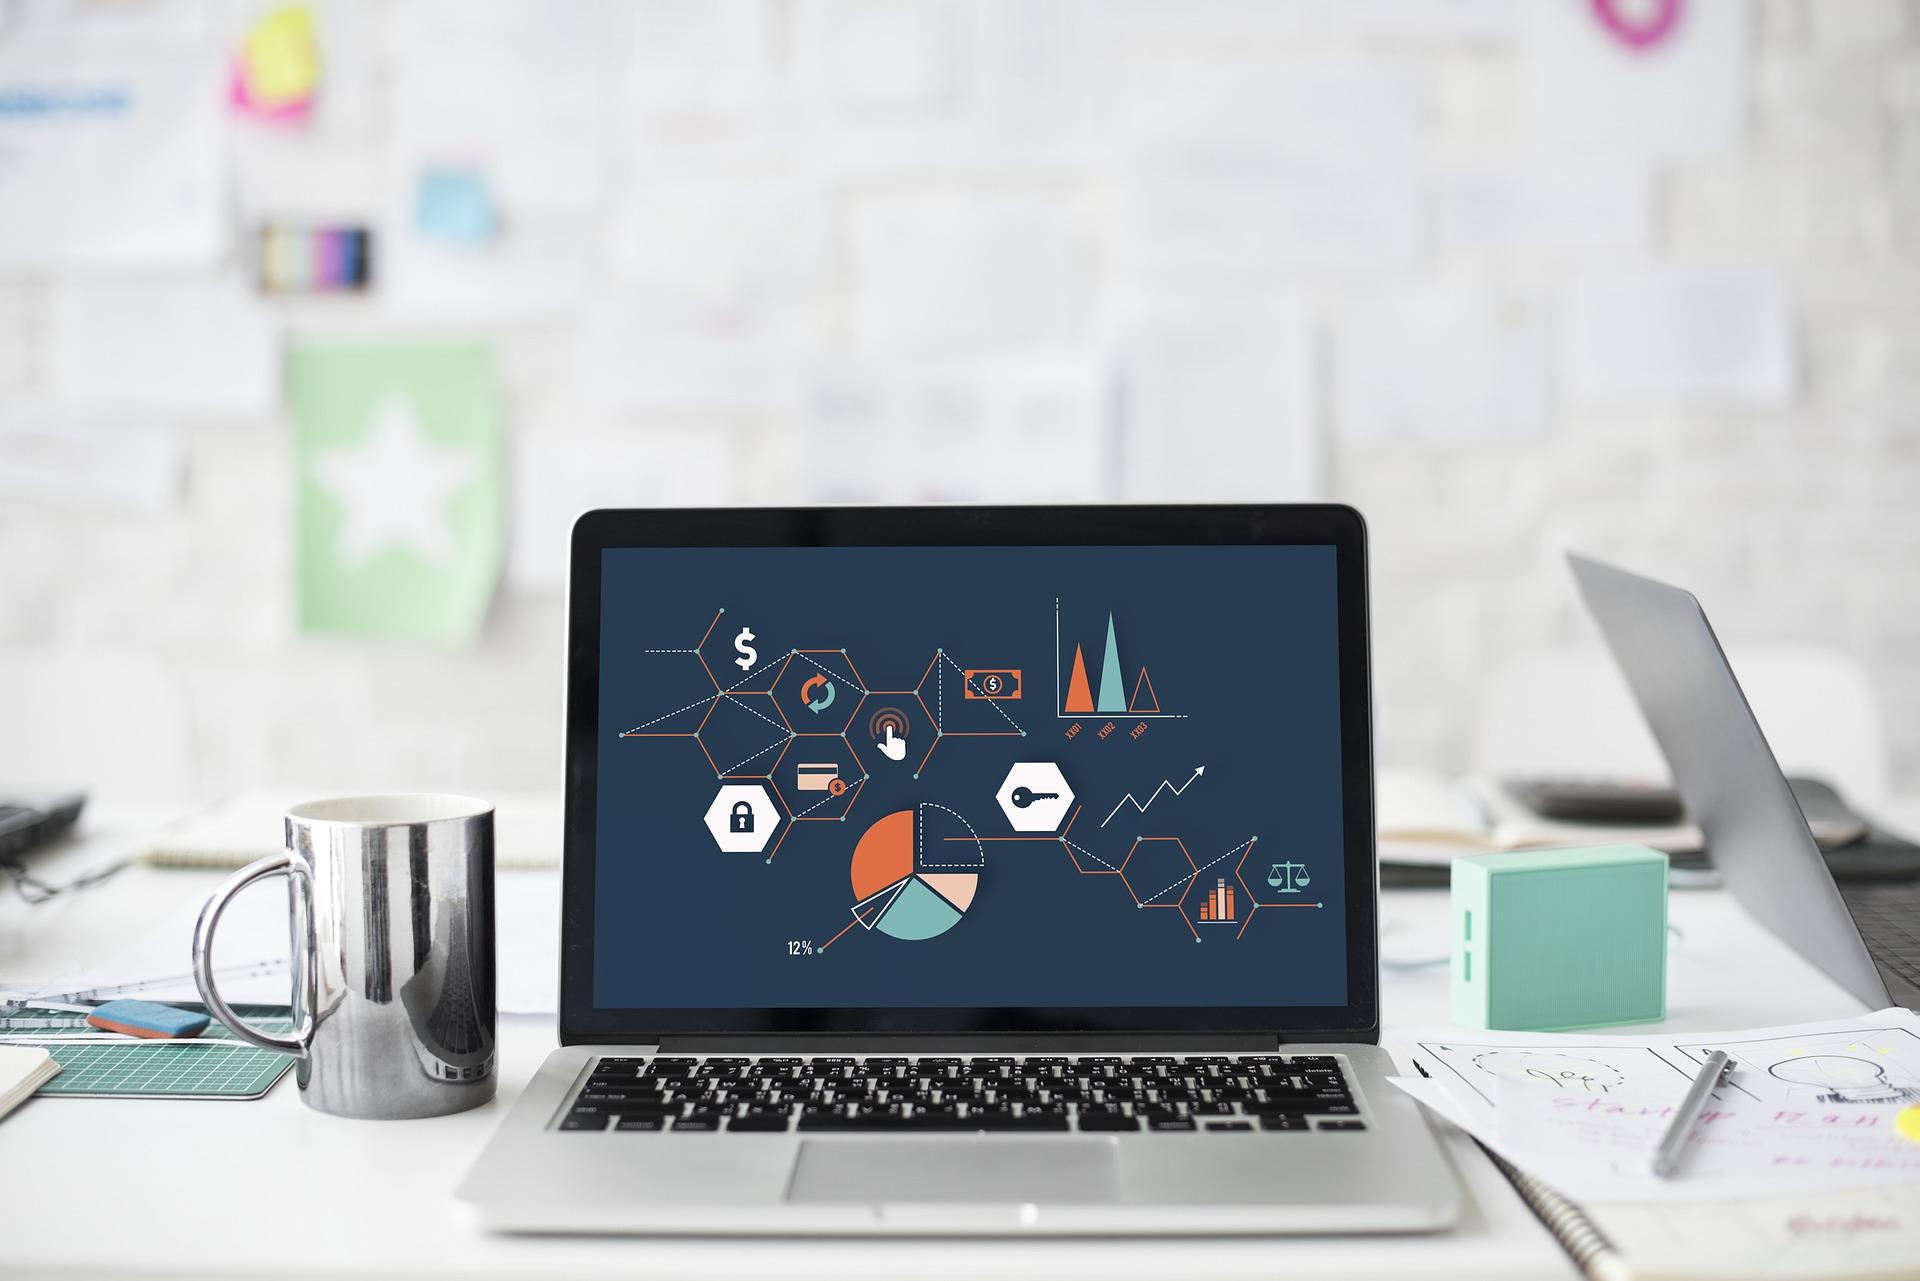 Głośne wentylatory, gorąca klawiatura, nagłe wyłączanie się laptopa – Co powoduje ten problem i jak się go pozbyć?